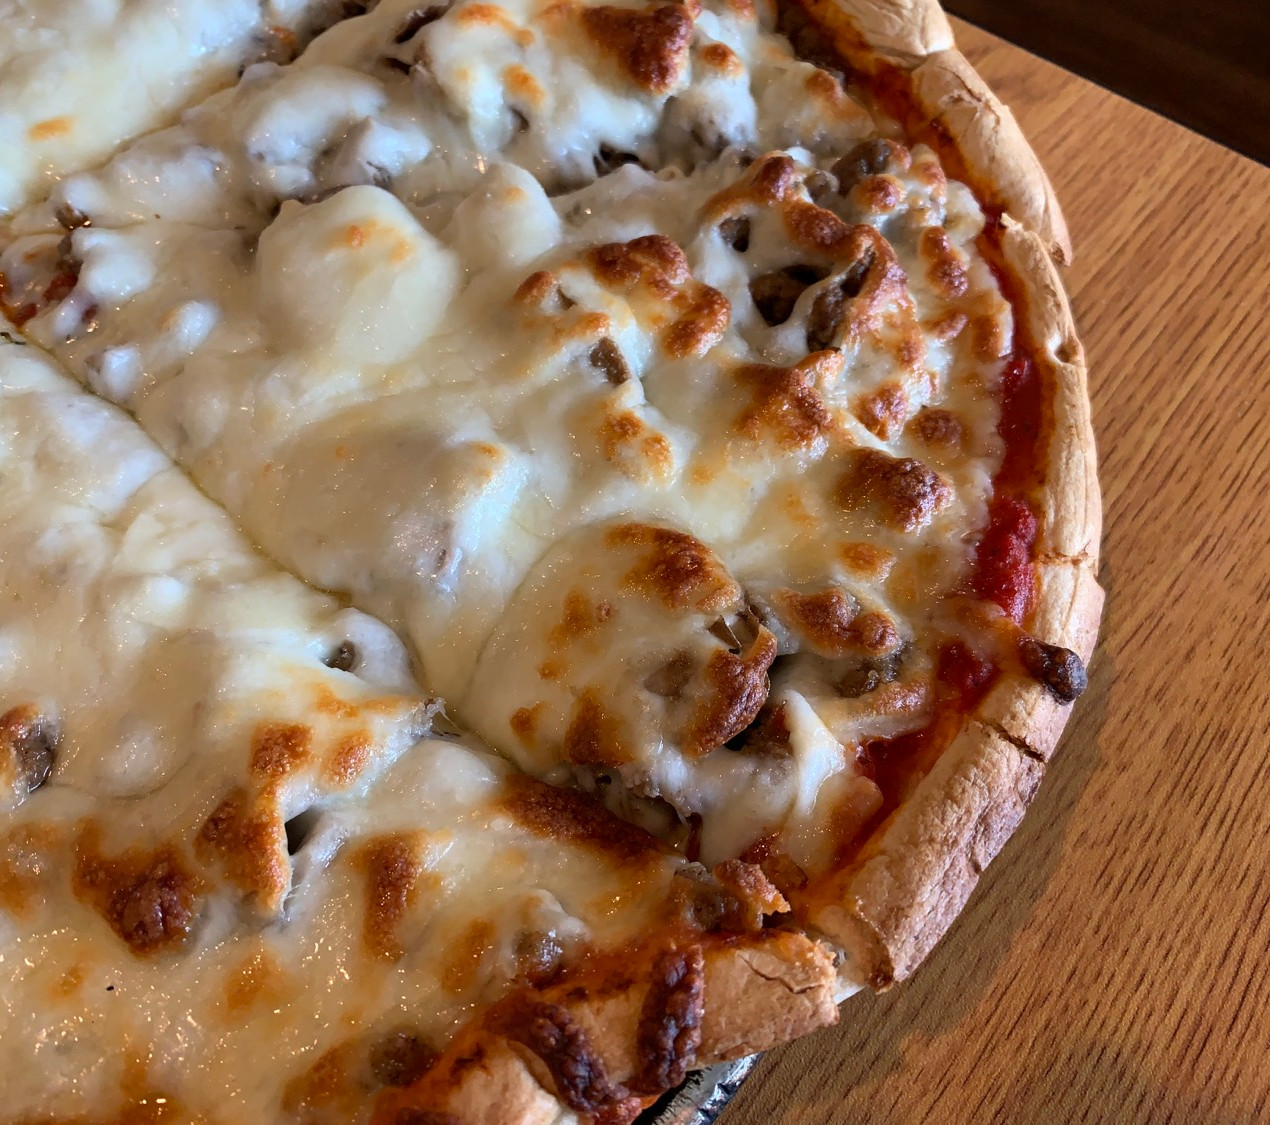 new bethel ordinary close up pizza photo